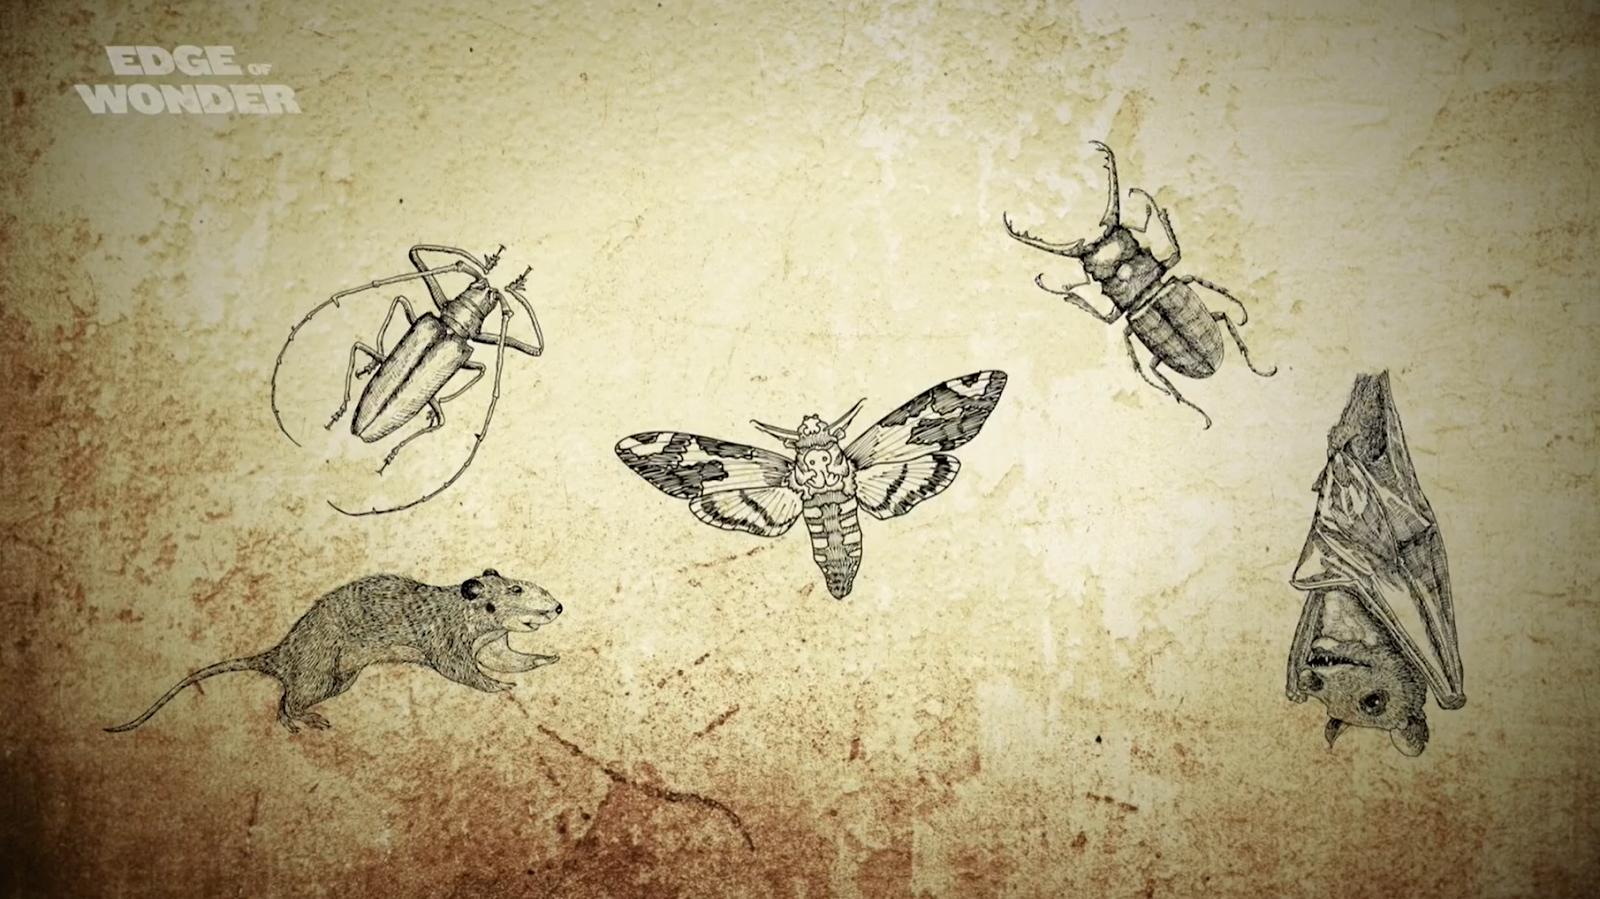 """Những người thờ quỷ Satan tin rằng, các loại côn trùng có thể bị ma quỷ nhập vào và được sử dụng làm """"bùa chú"""""""